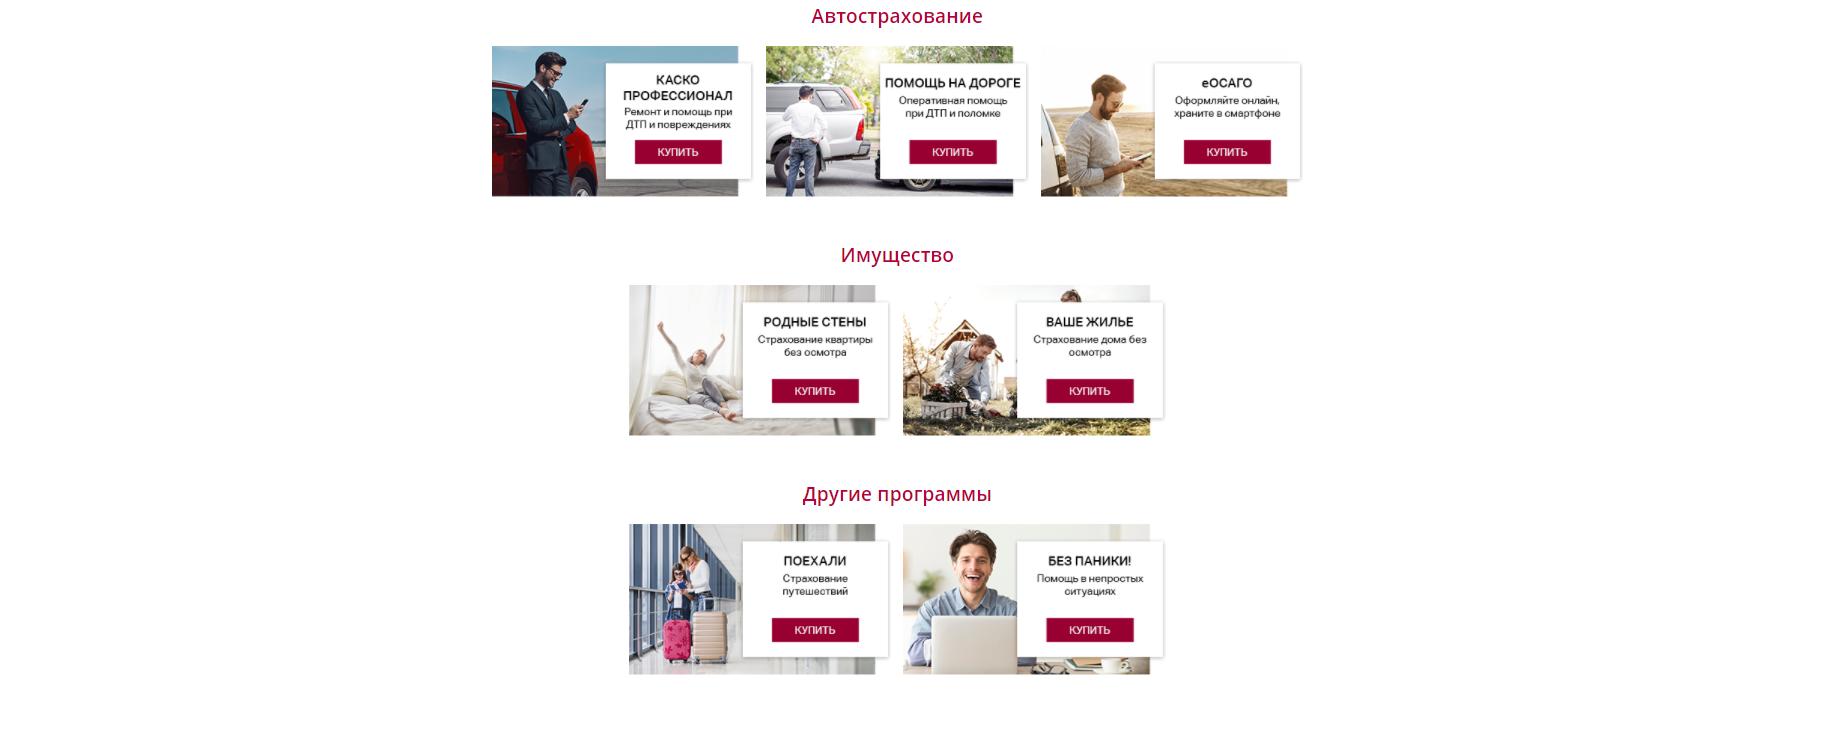 Насколько удобный сайты страховых компаний в 2021 году